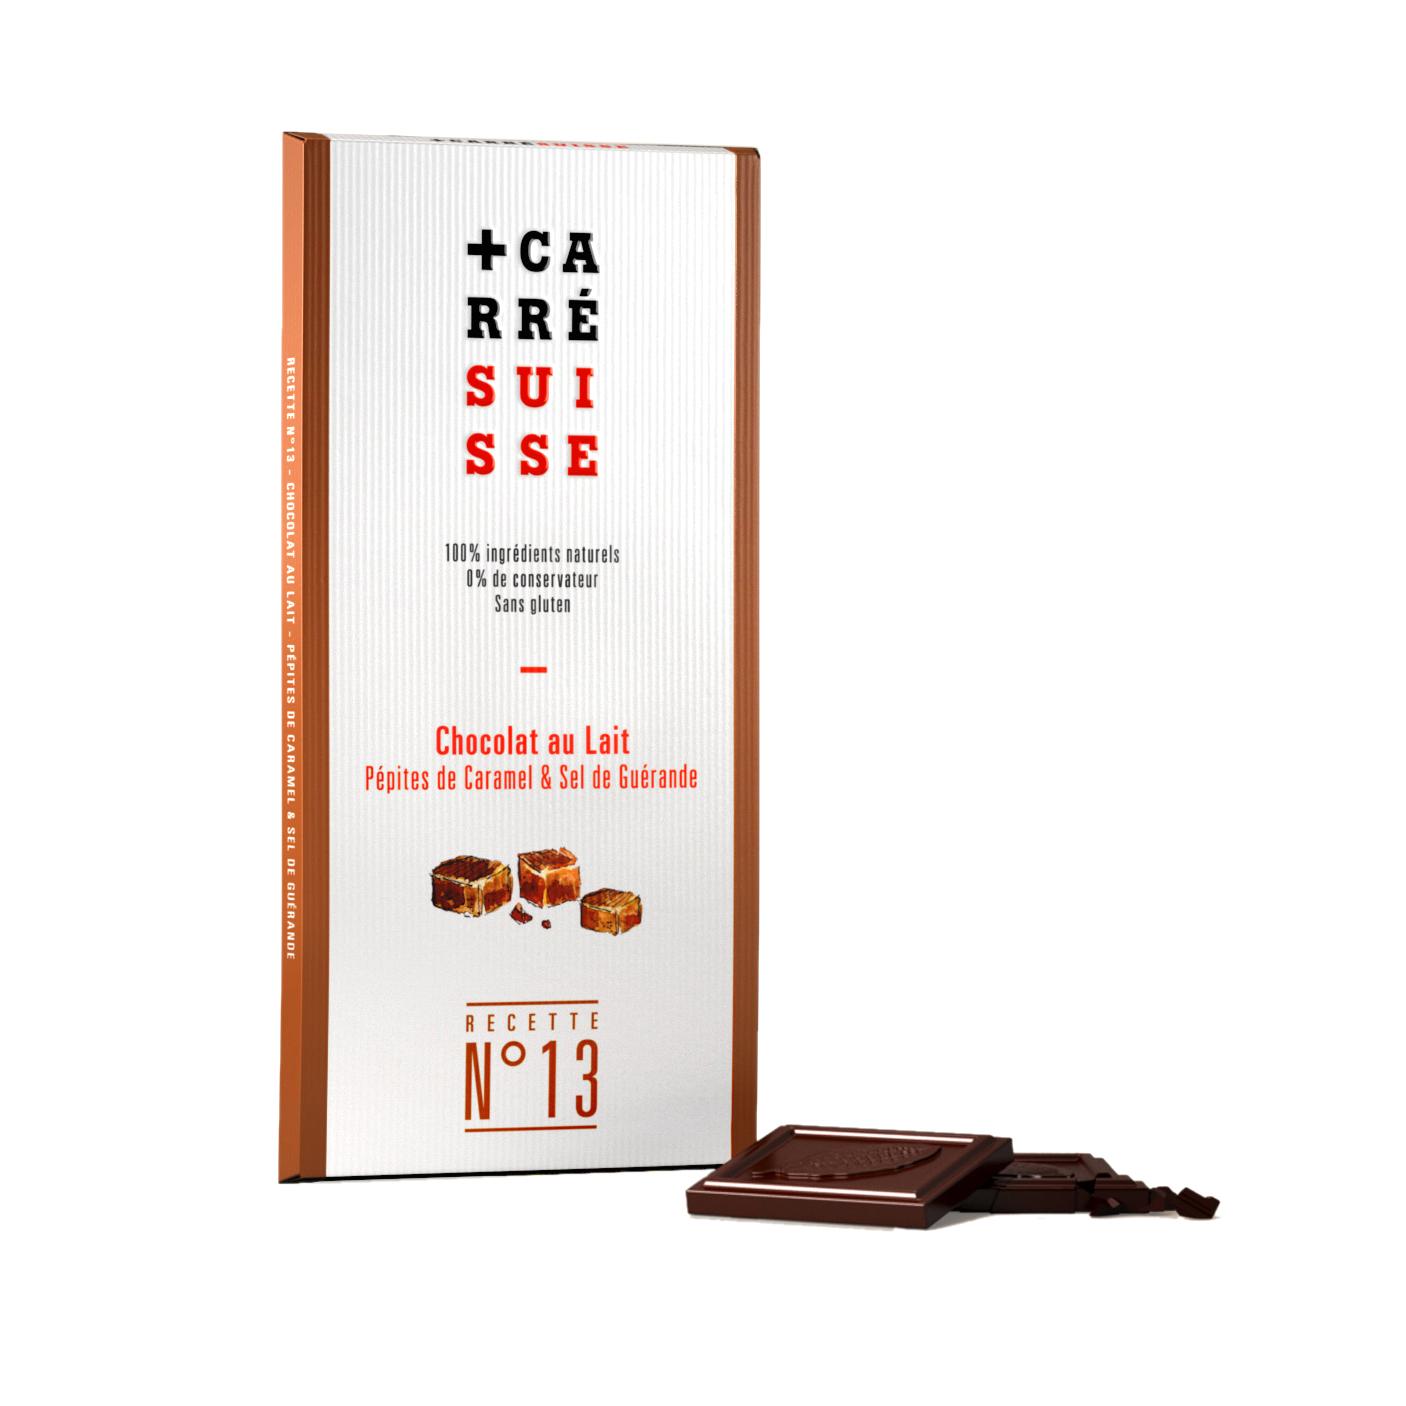 Chocolat au lait aux pépites de caramel & sel de Guérande, Carré Suisse (100 g)